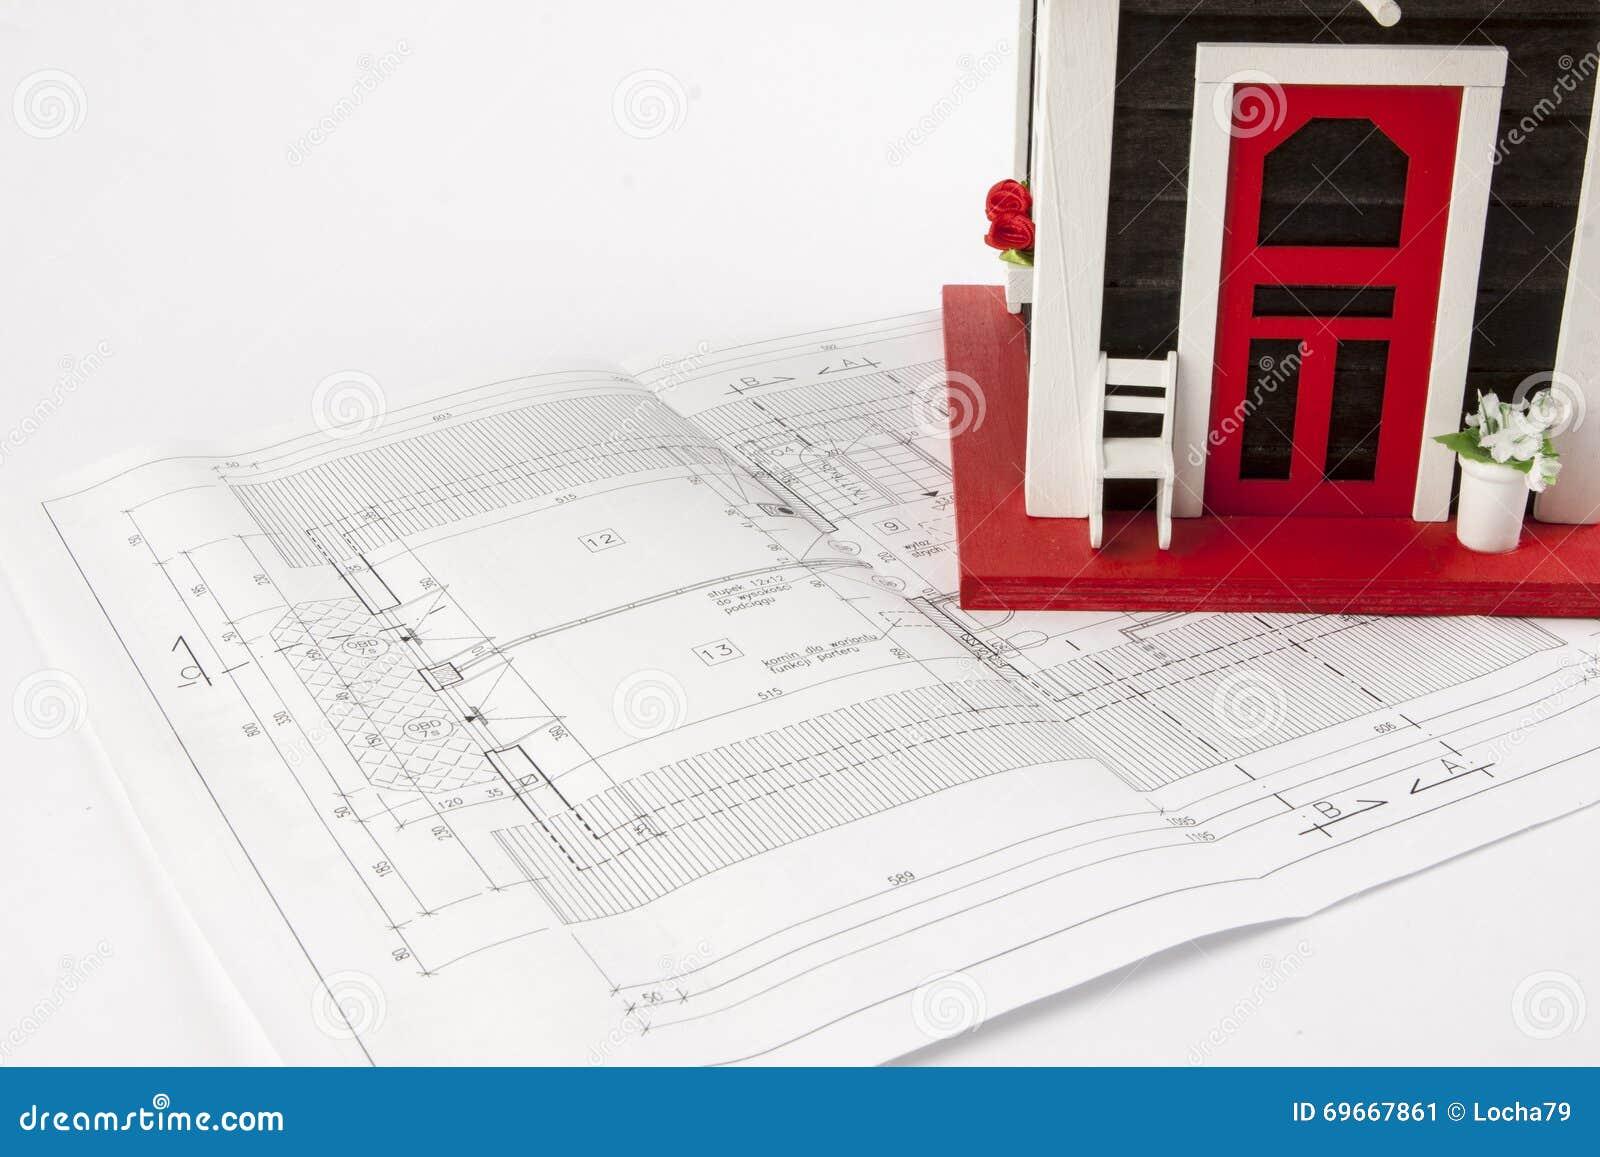 Dessins Pour La Construction Et La Petite Maison En Bois Image Stock